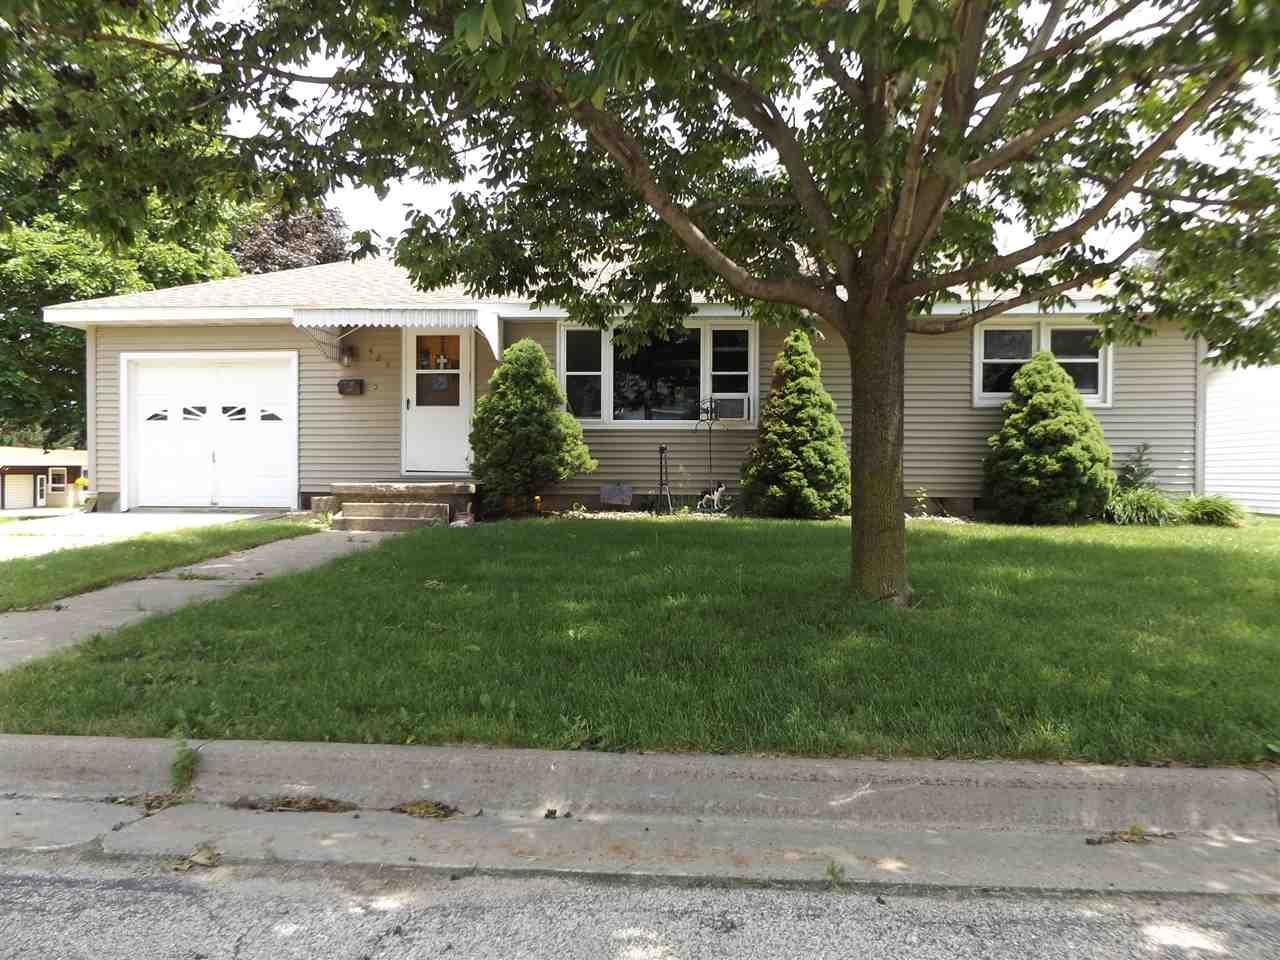 425 Grant St, Fennimore, WI 53809